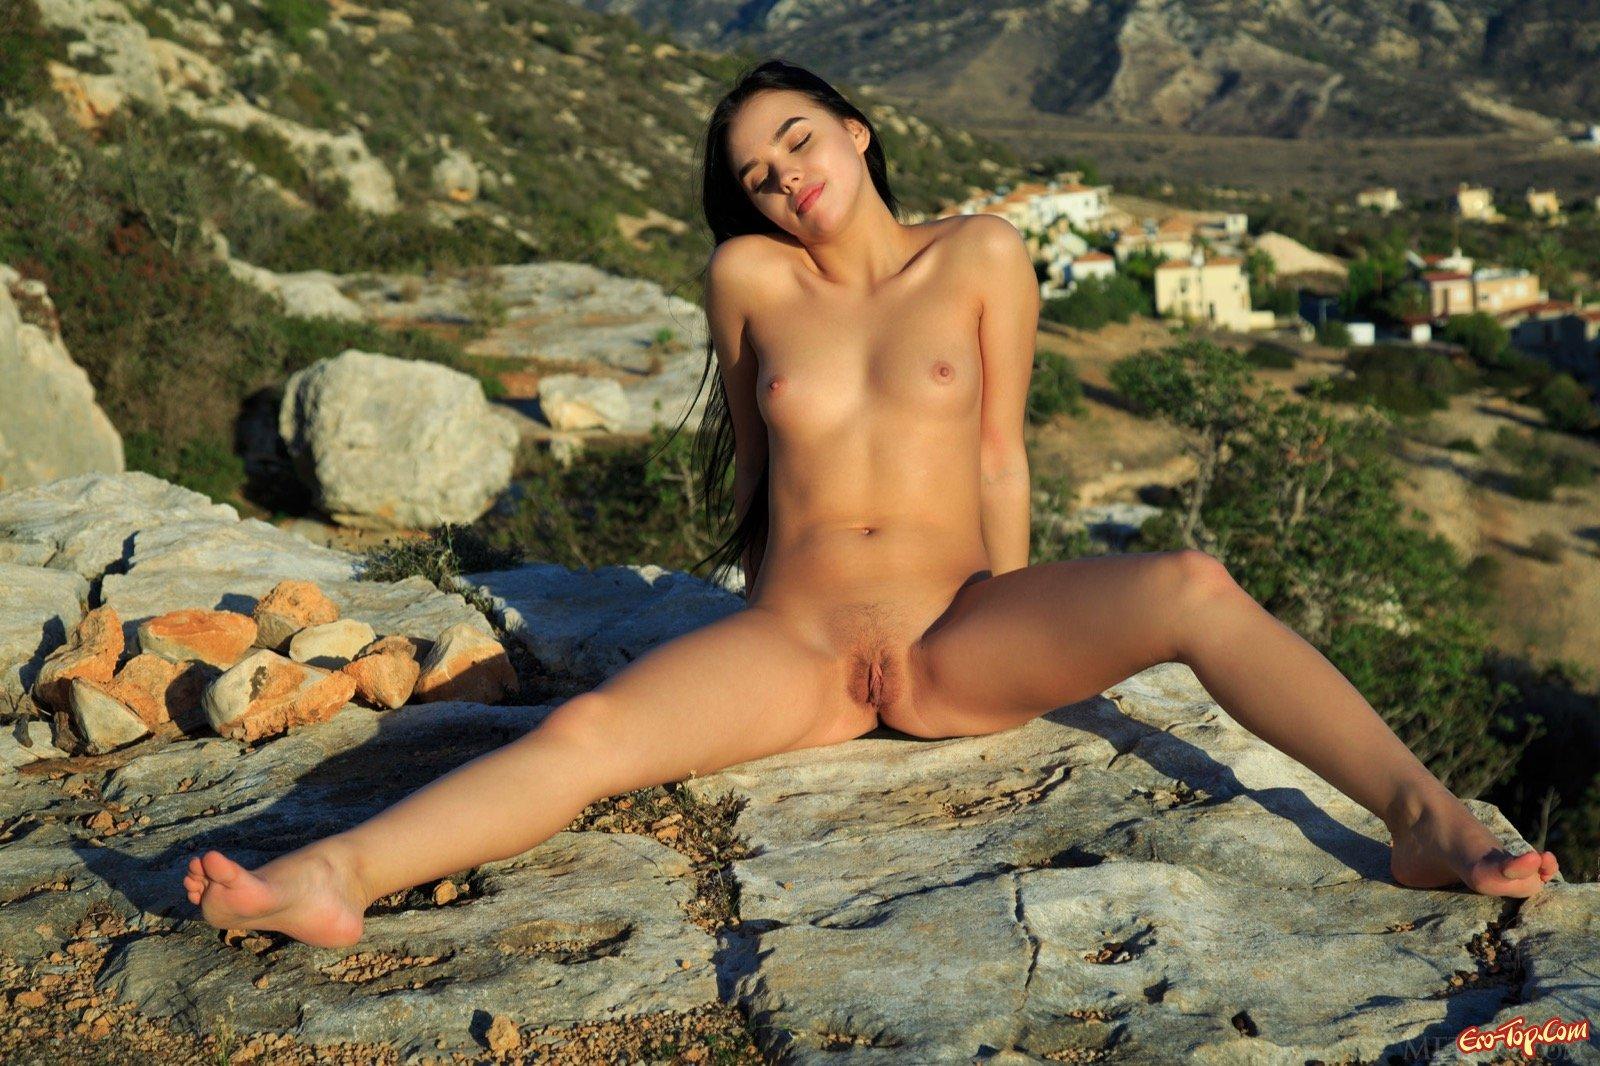 Раздетая шатенка с маленькой грудью в горах